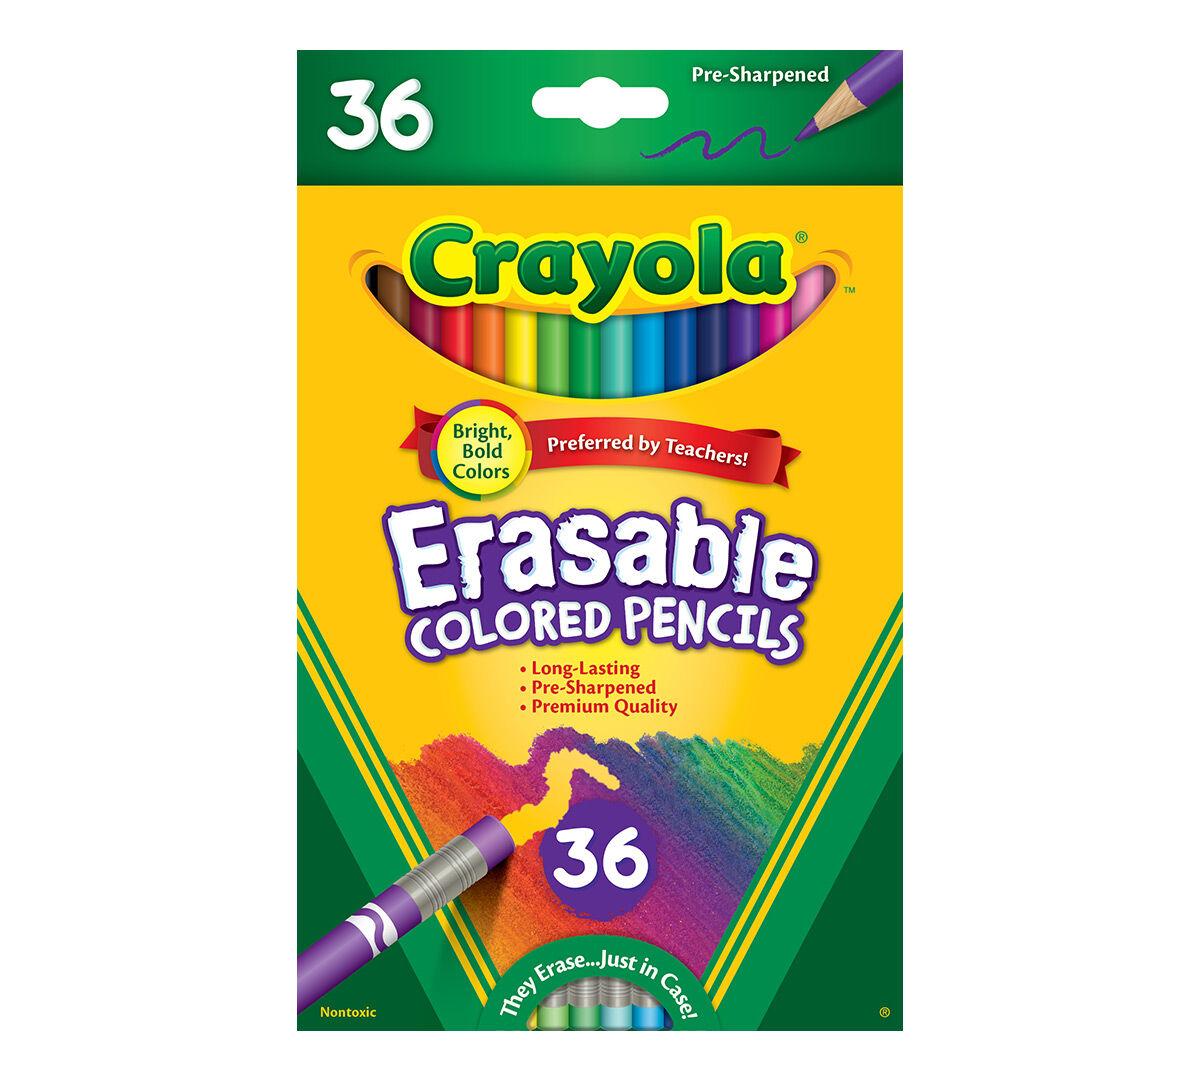 36ct erasable colored pencils - Crayola Colored Pencils Twistables